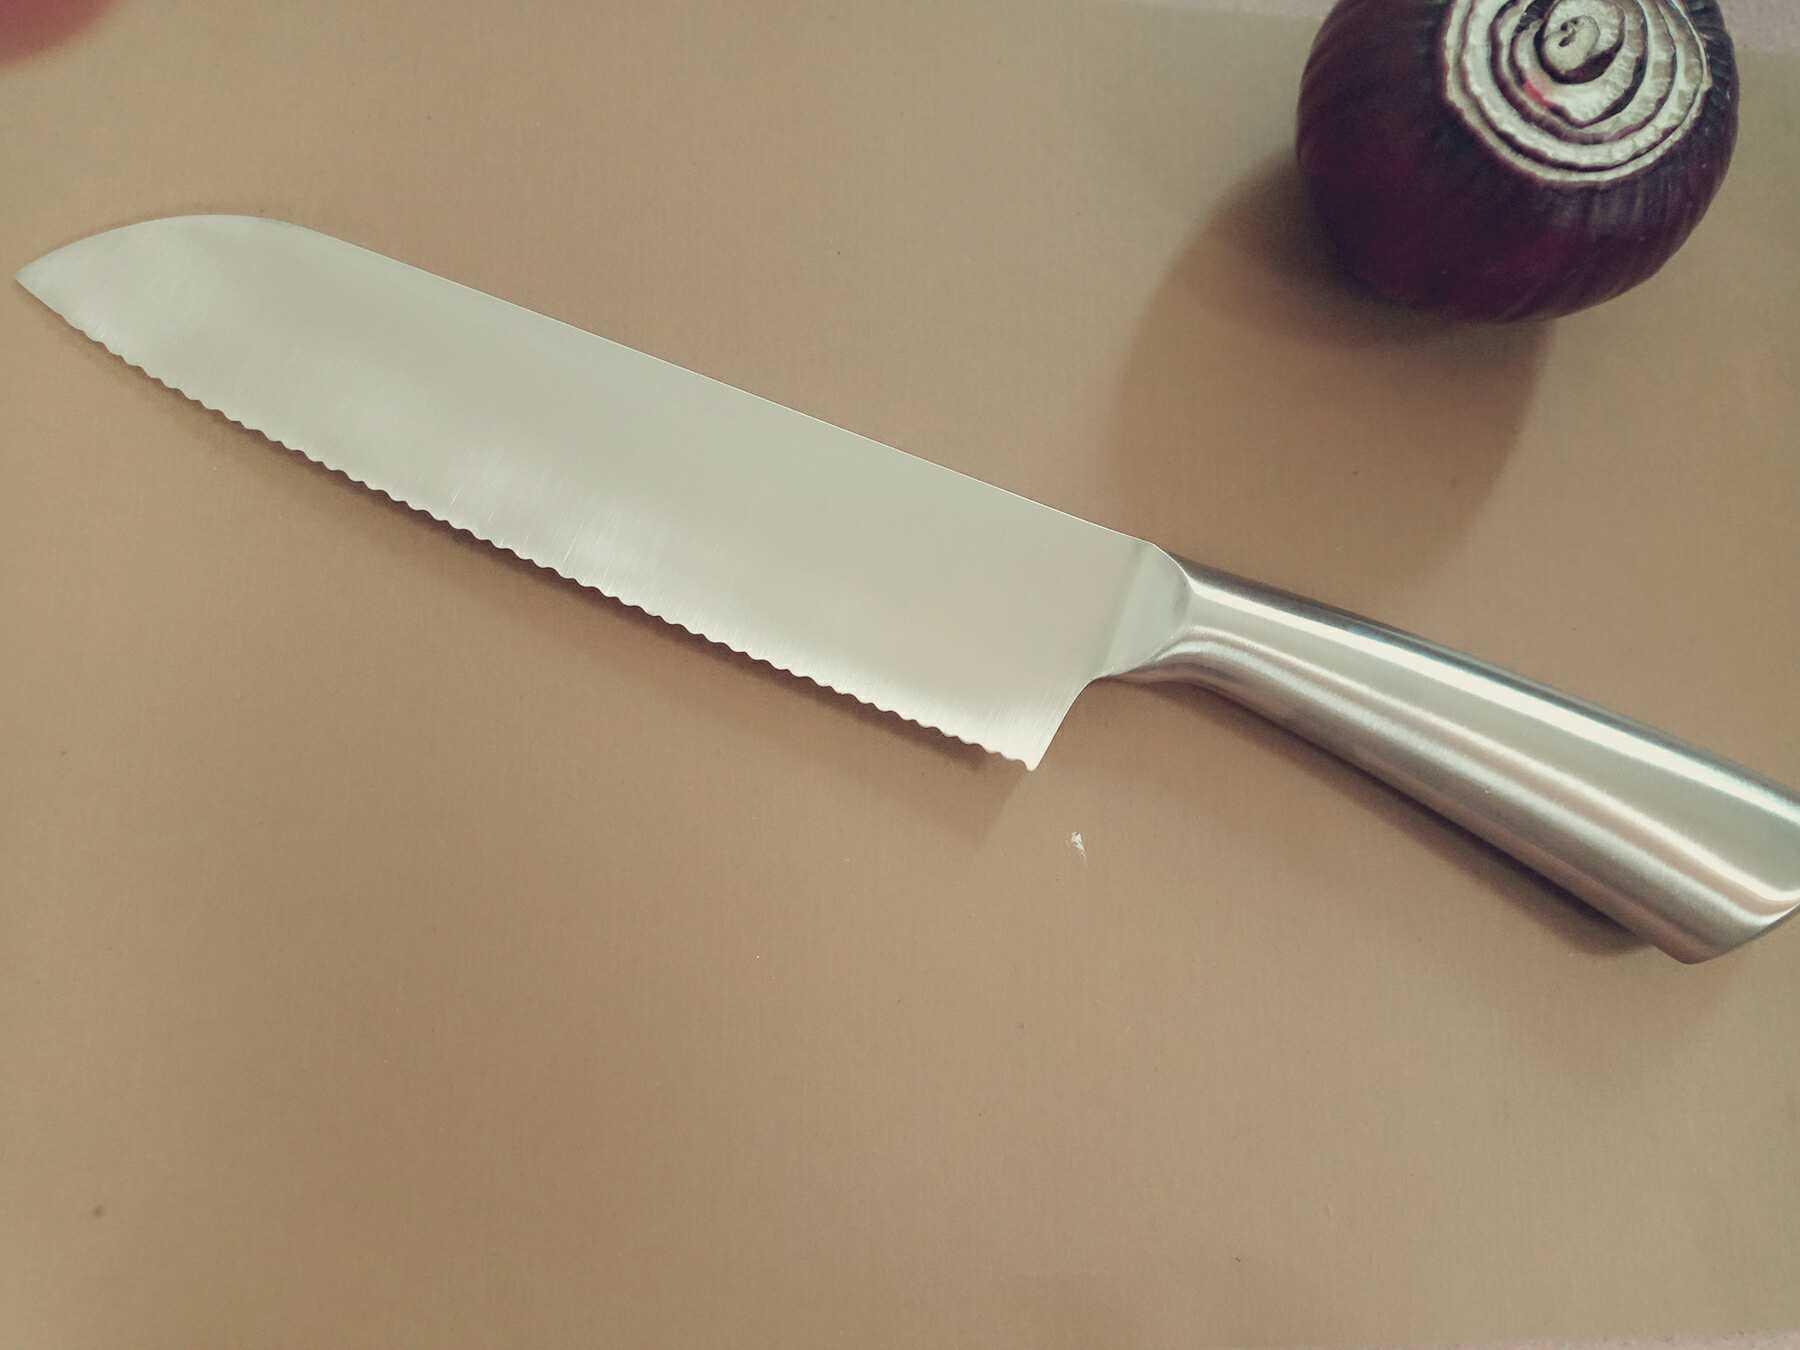 Для импорта Экспорт замороженного мясного ножа зазубренный нож из нержавеющей стали резак замороженный мясорезы замороженный нож для резки мяса оттаивающий нож